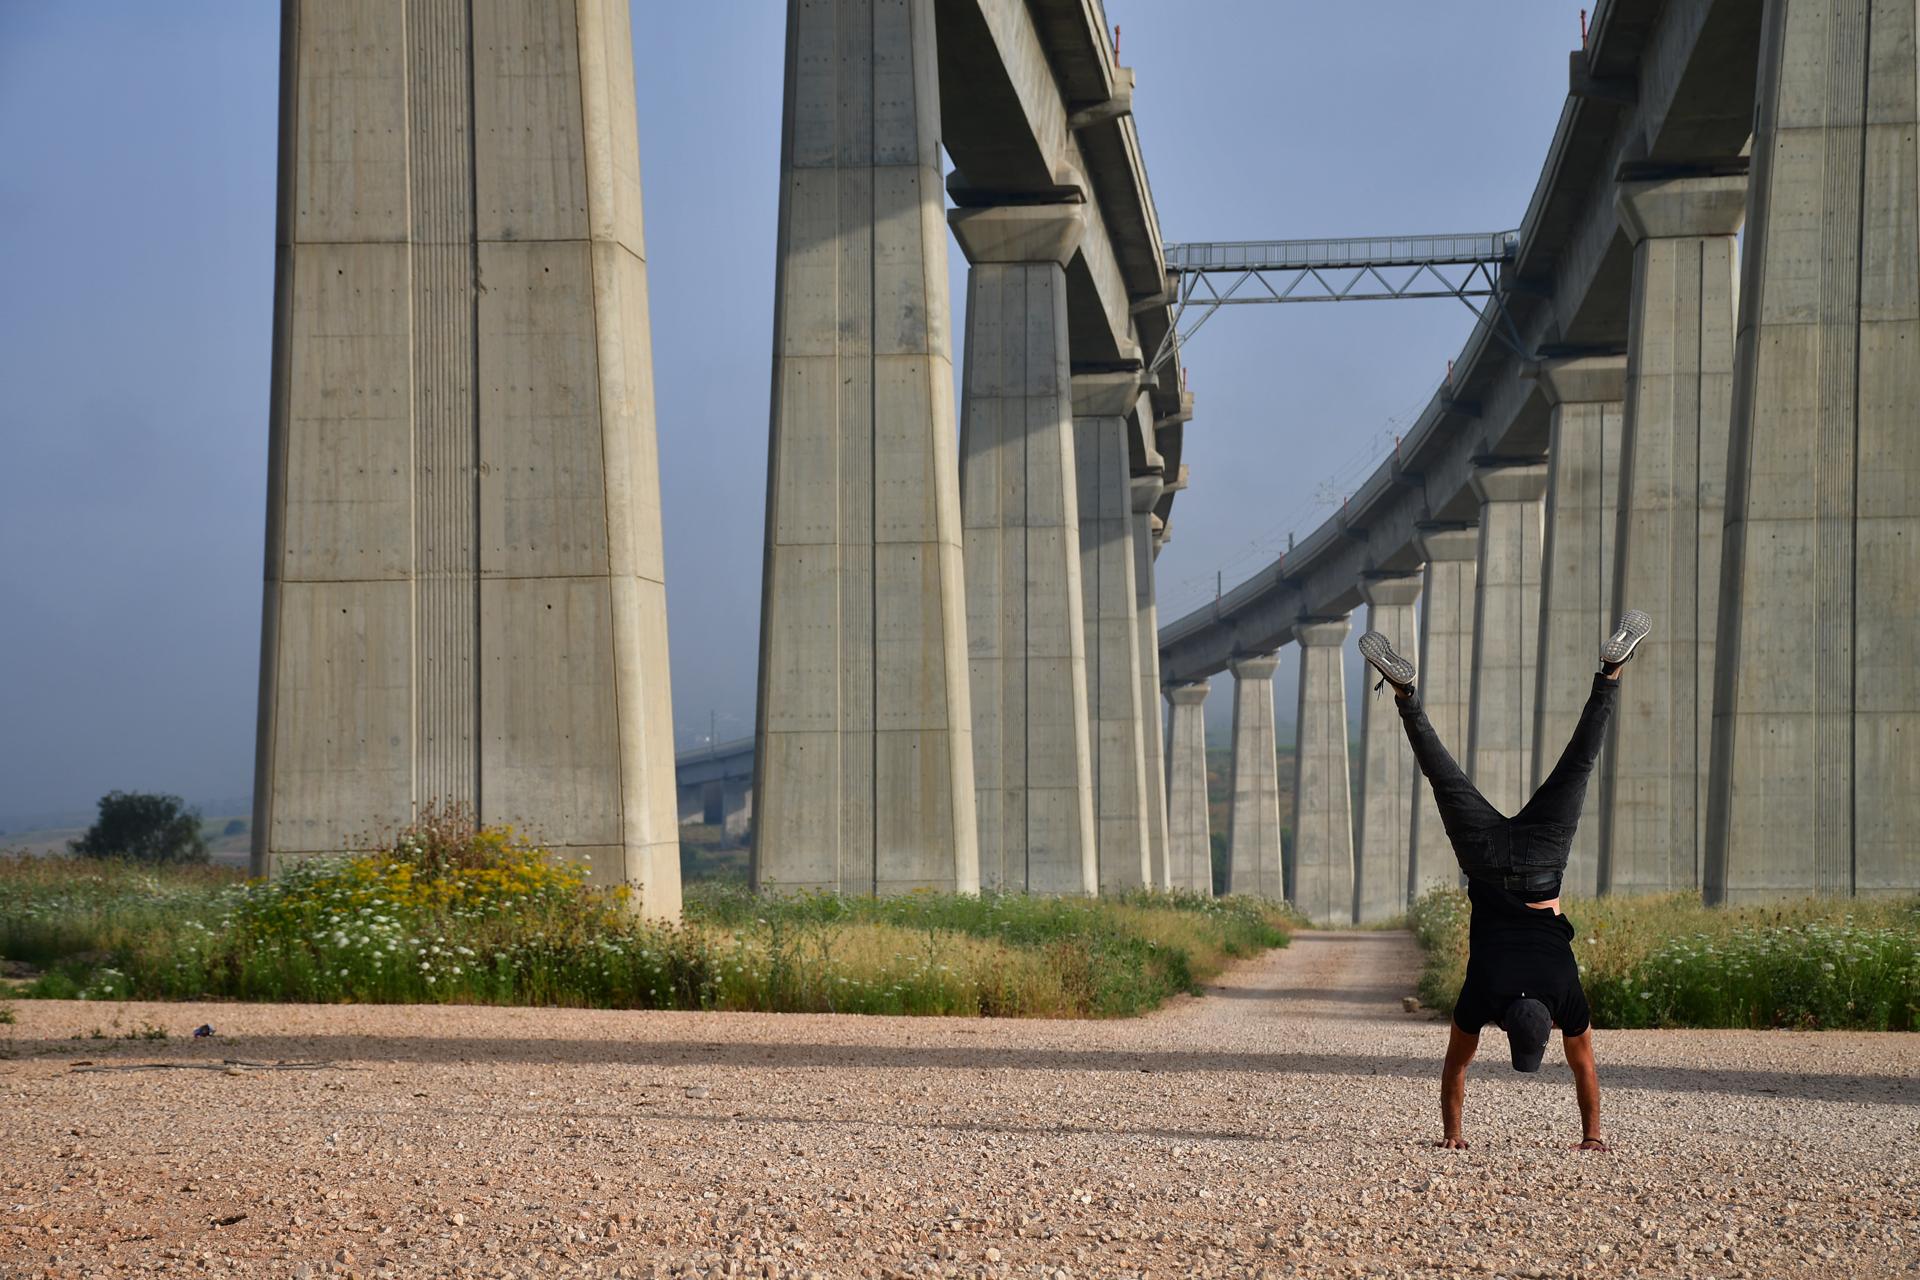 גשר נחל ענבה - ניצן שתרוג - אדמה יוצרת - בטון - nitzan sitruk